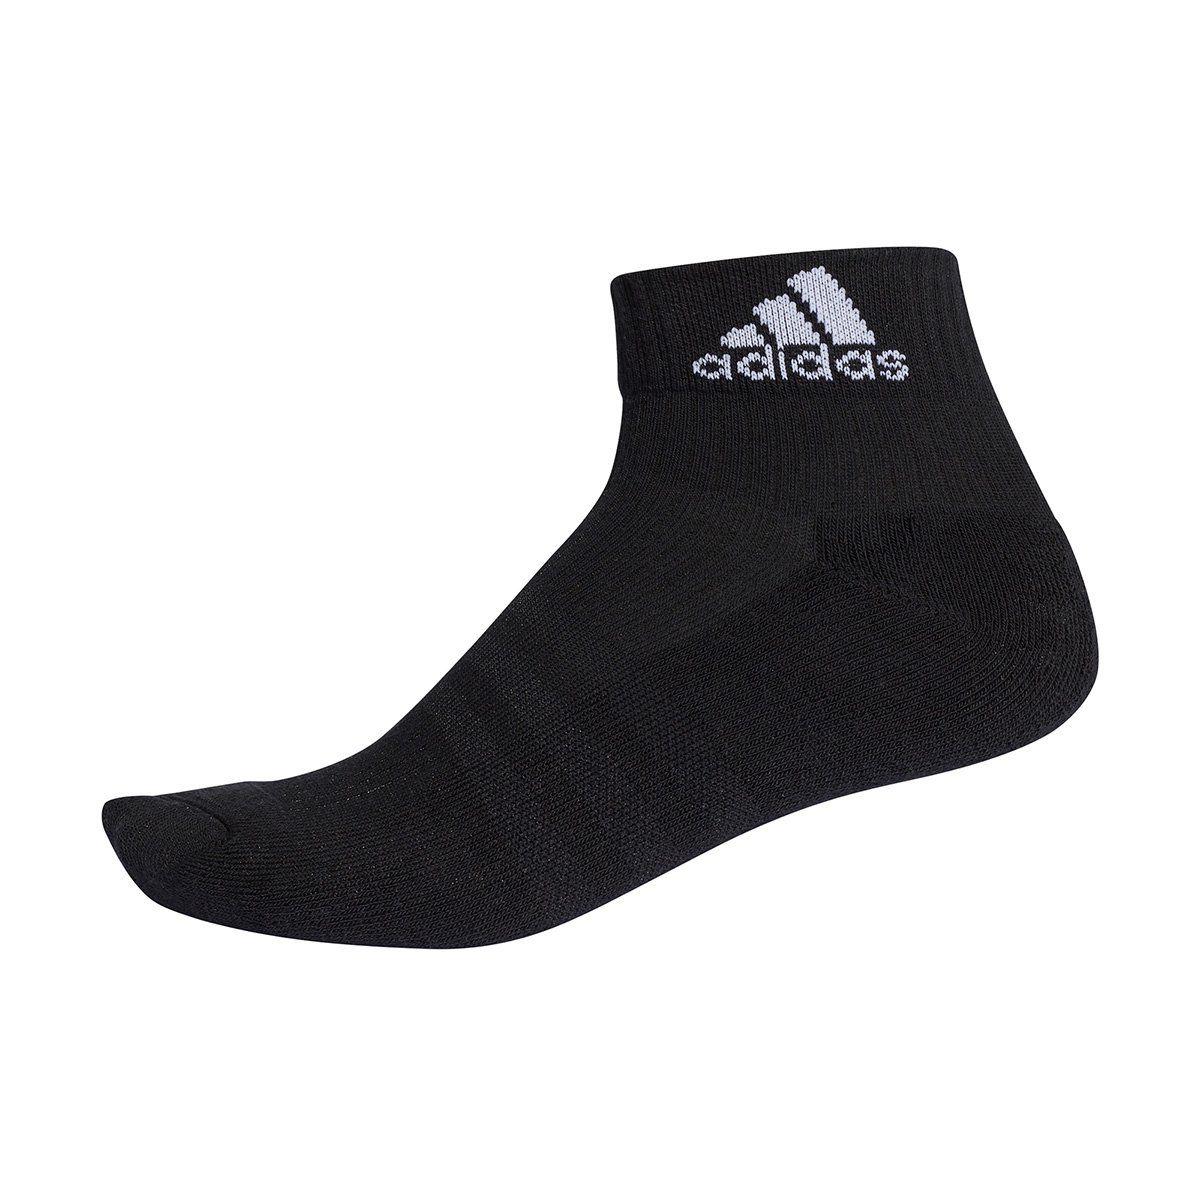 Meia Adidas 3S